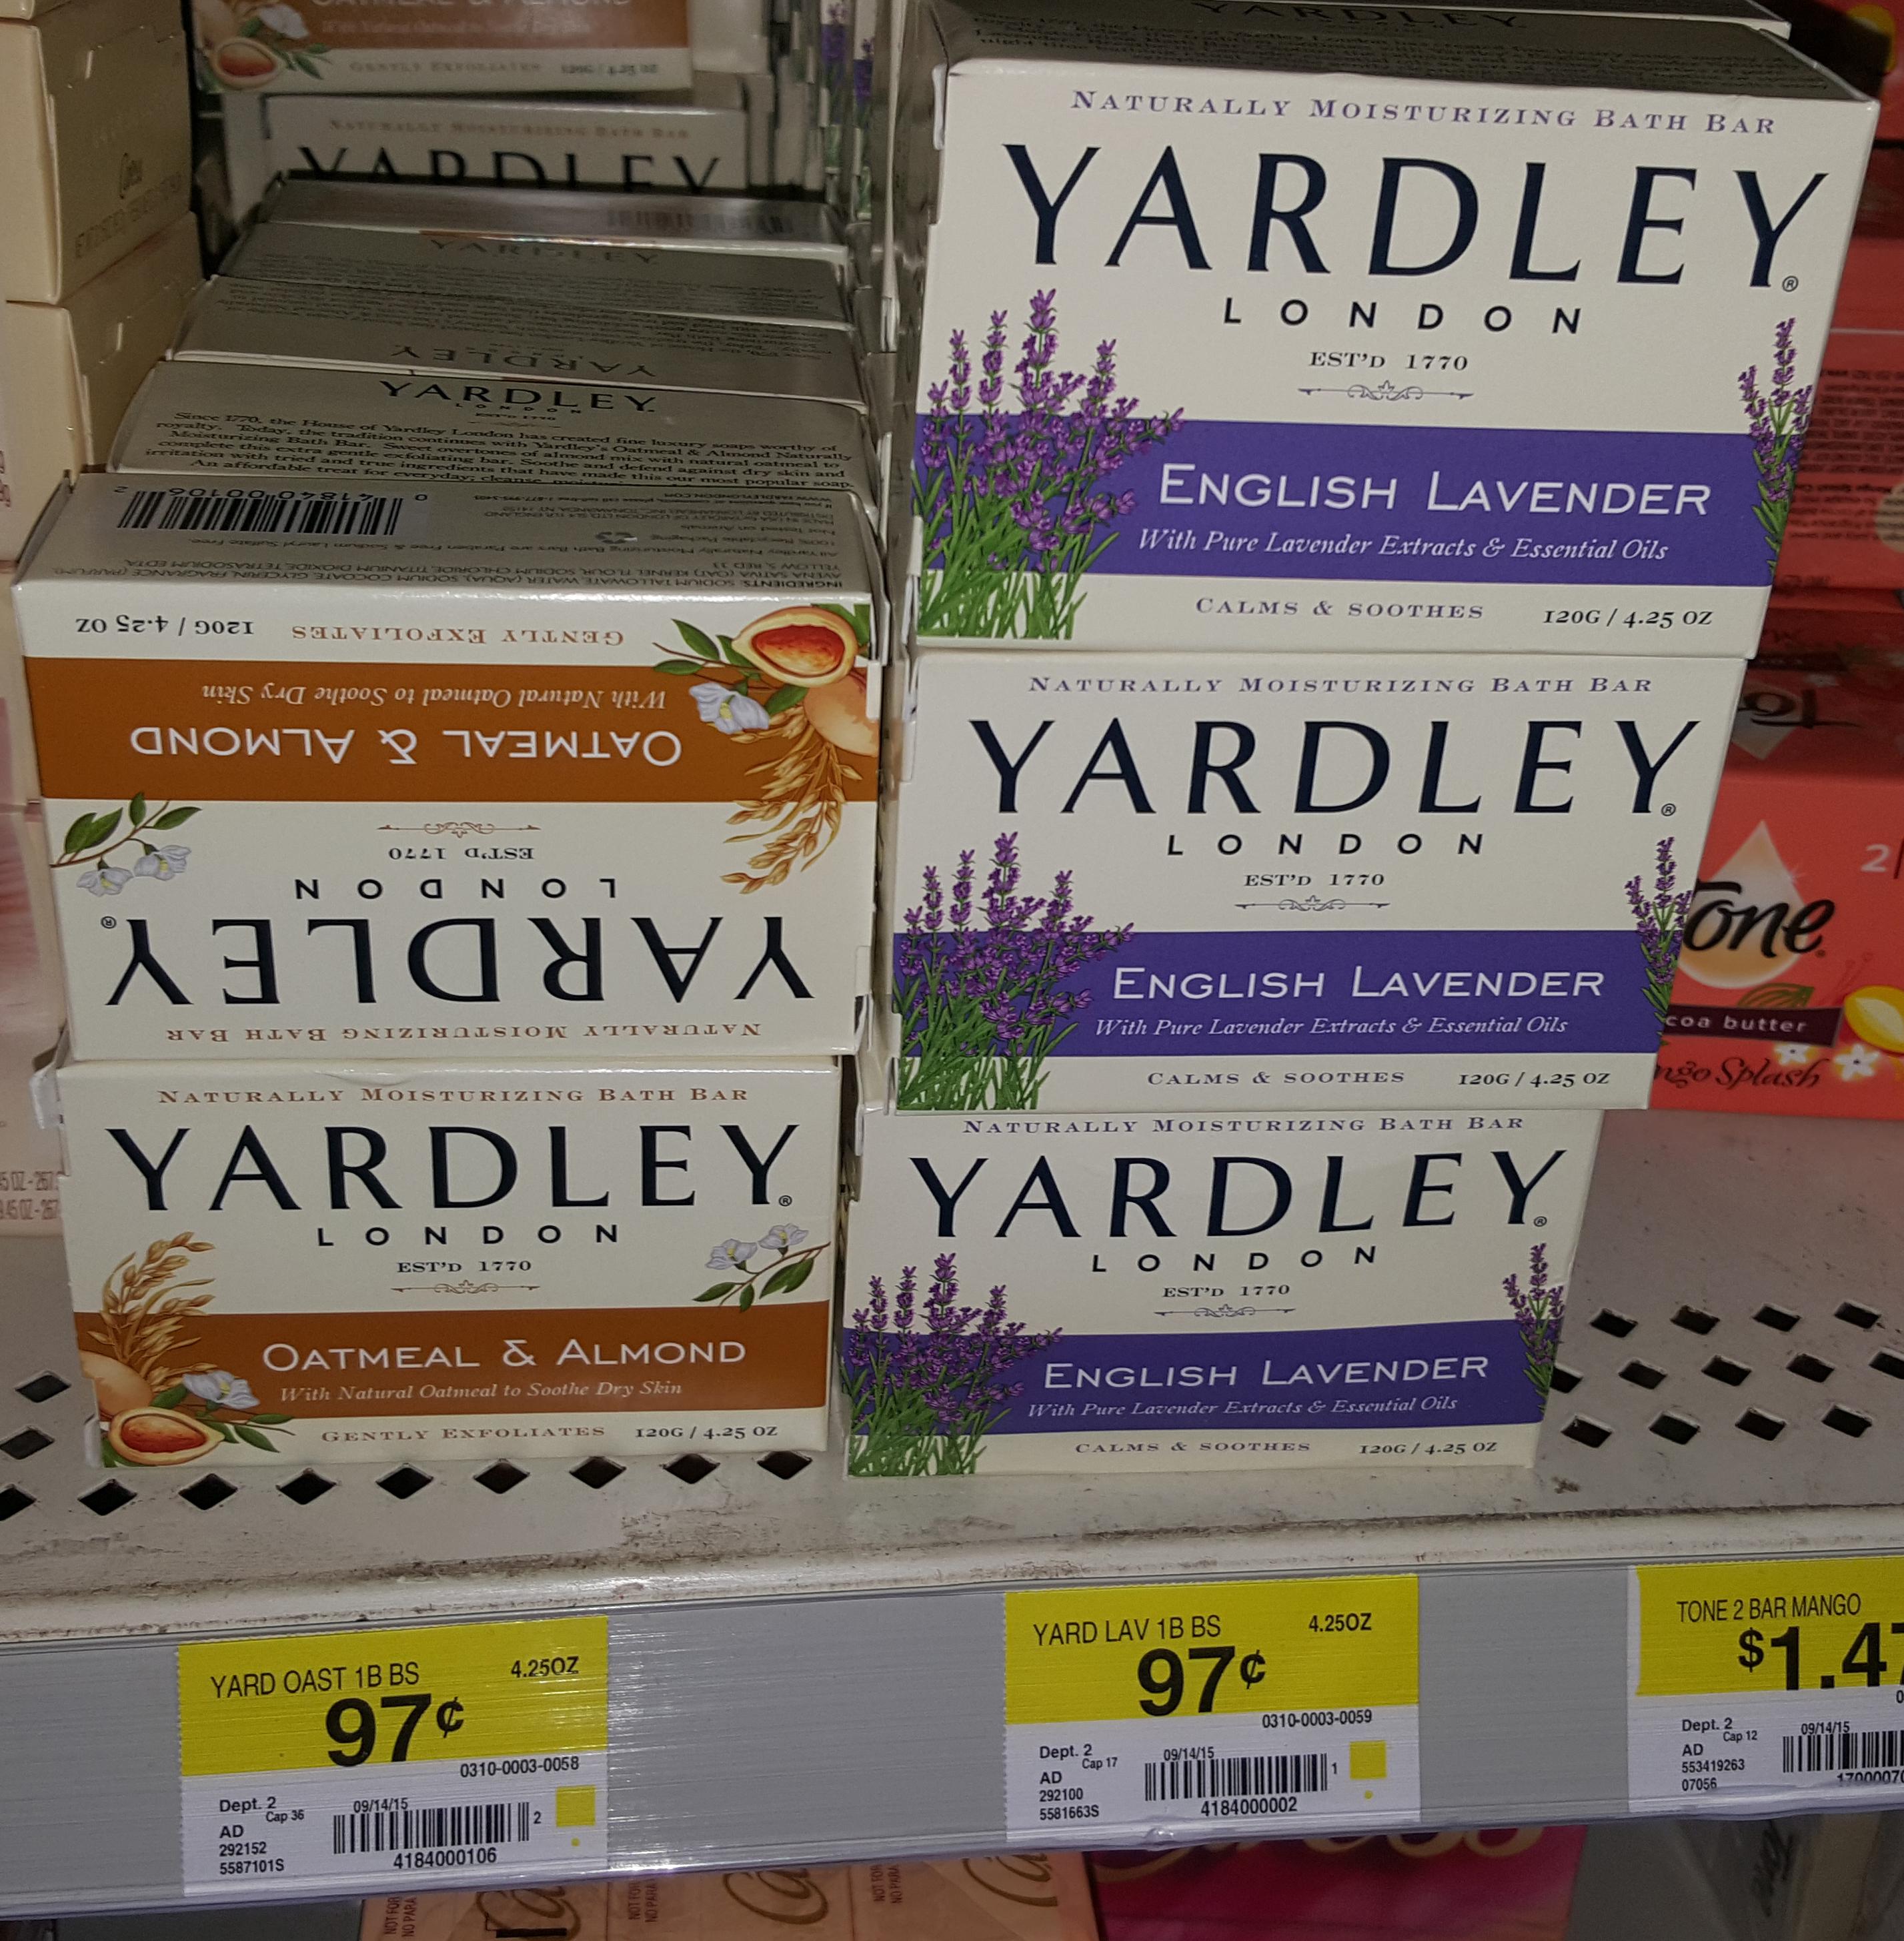 Yardley Bar Soap Just $.72 at Walmart!